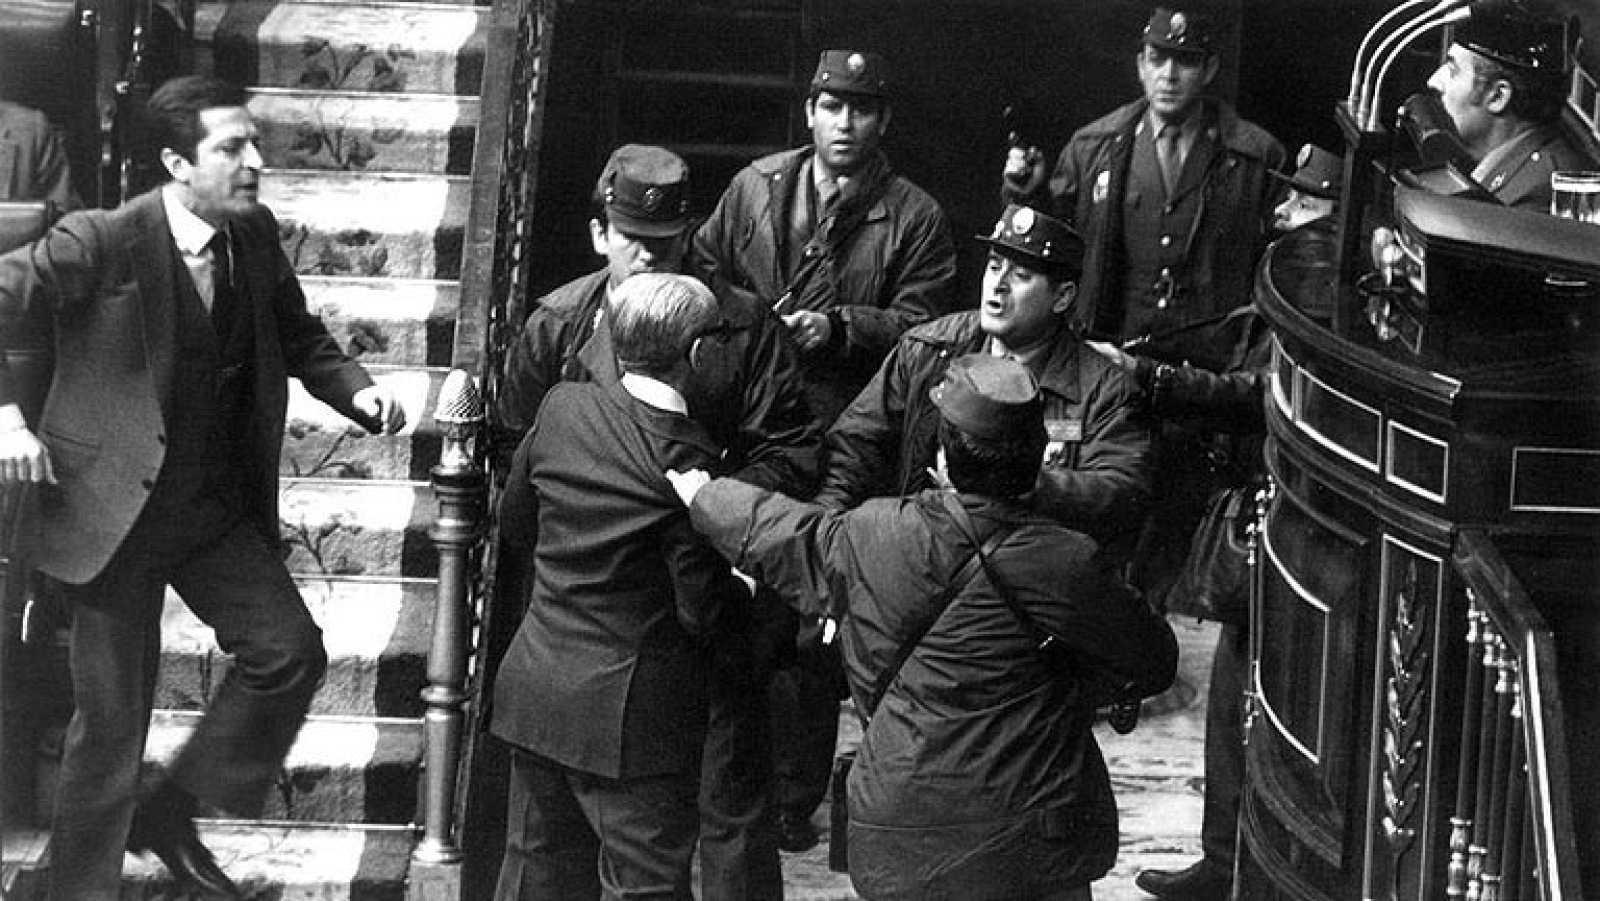 coup d'état Espagne 1981 parlement